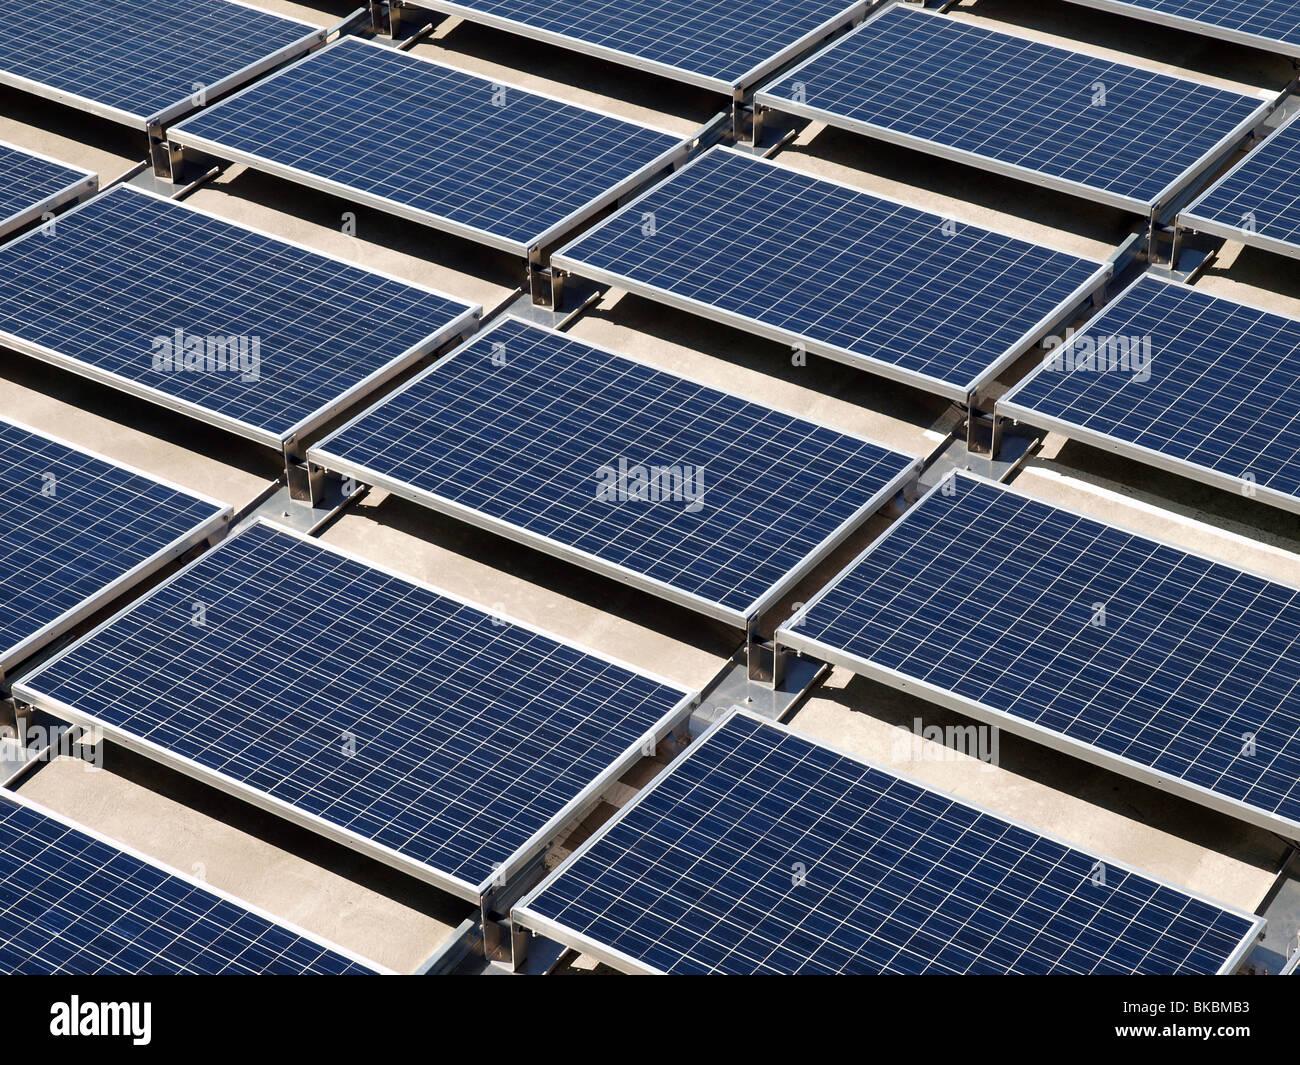 Des panneaux solaires photovoltaïques sur un toit en béton. Photo Stock